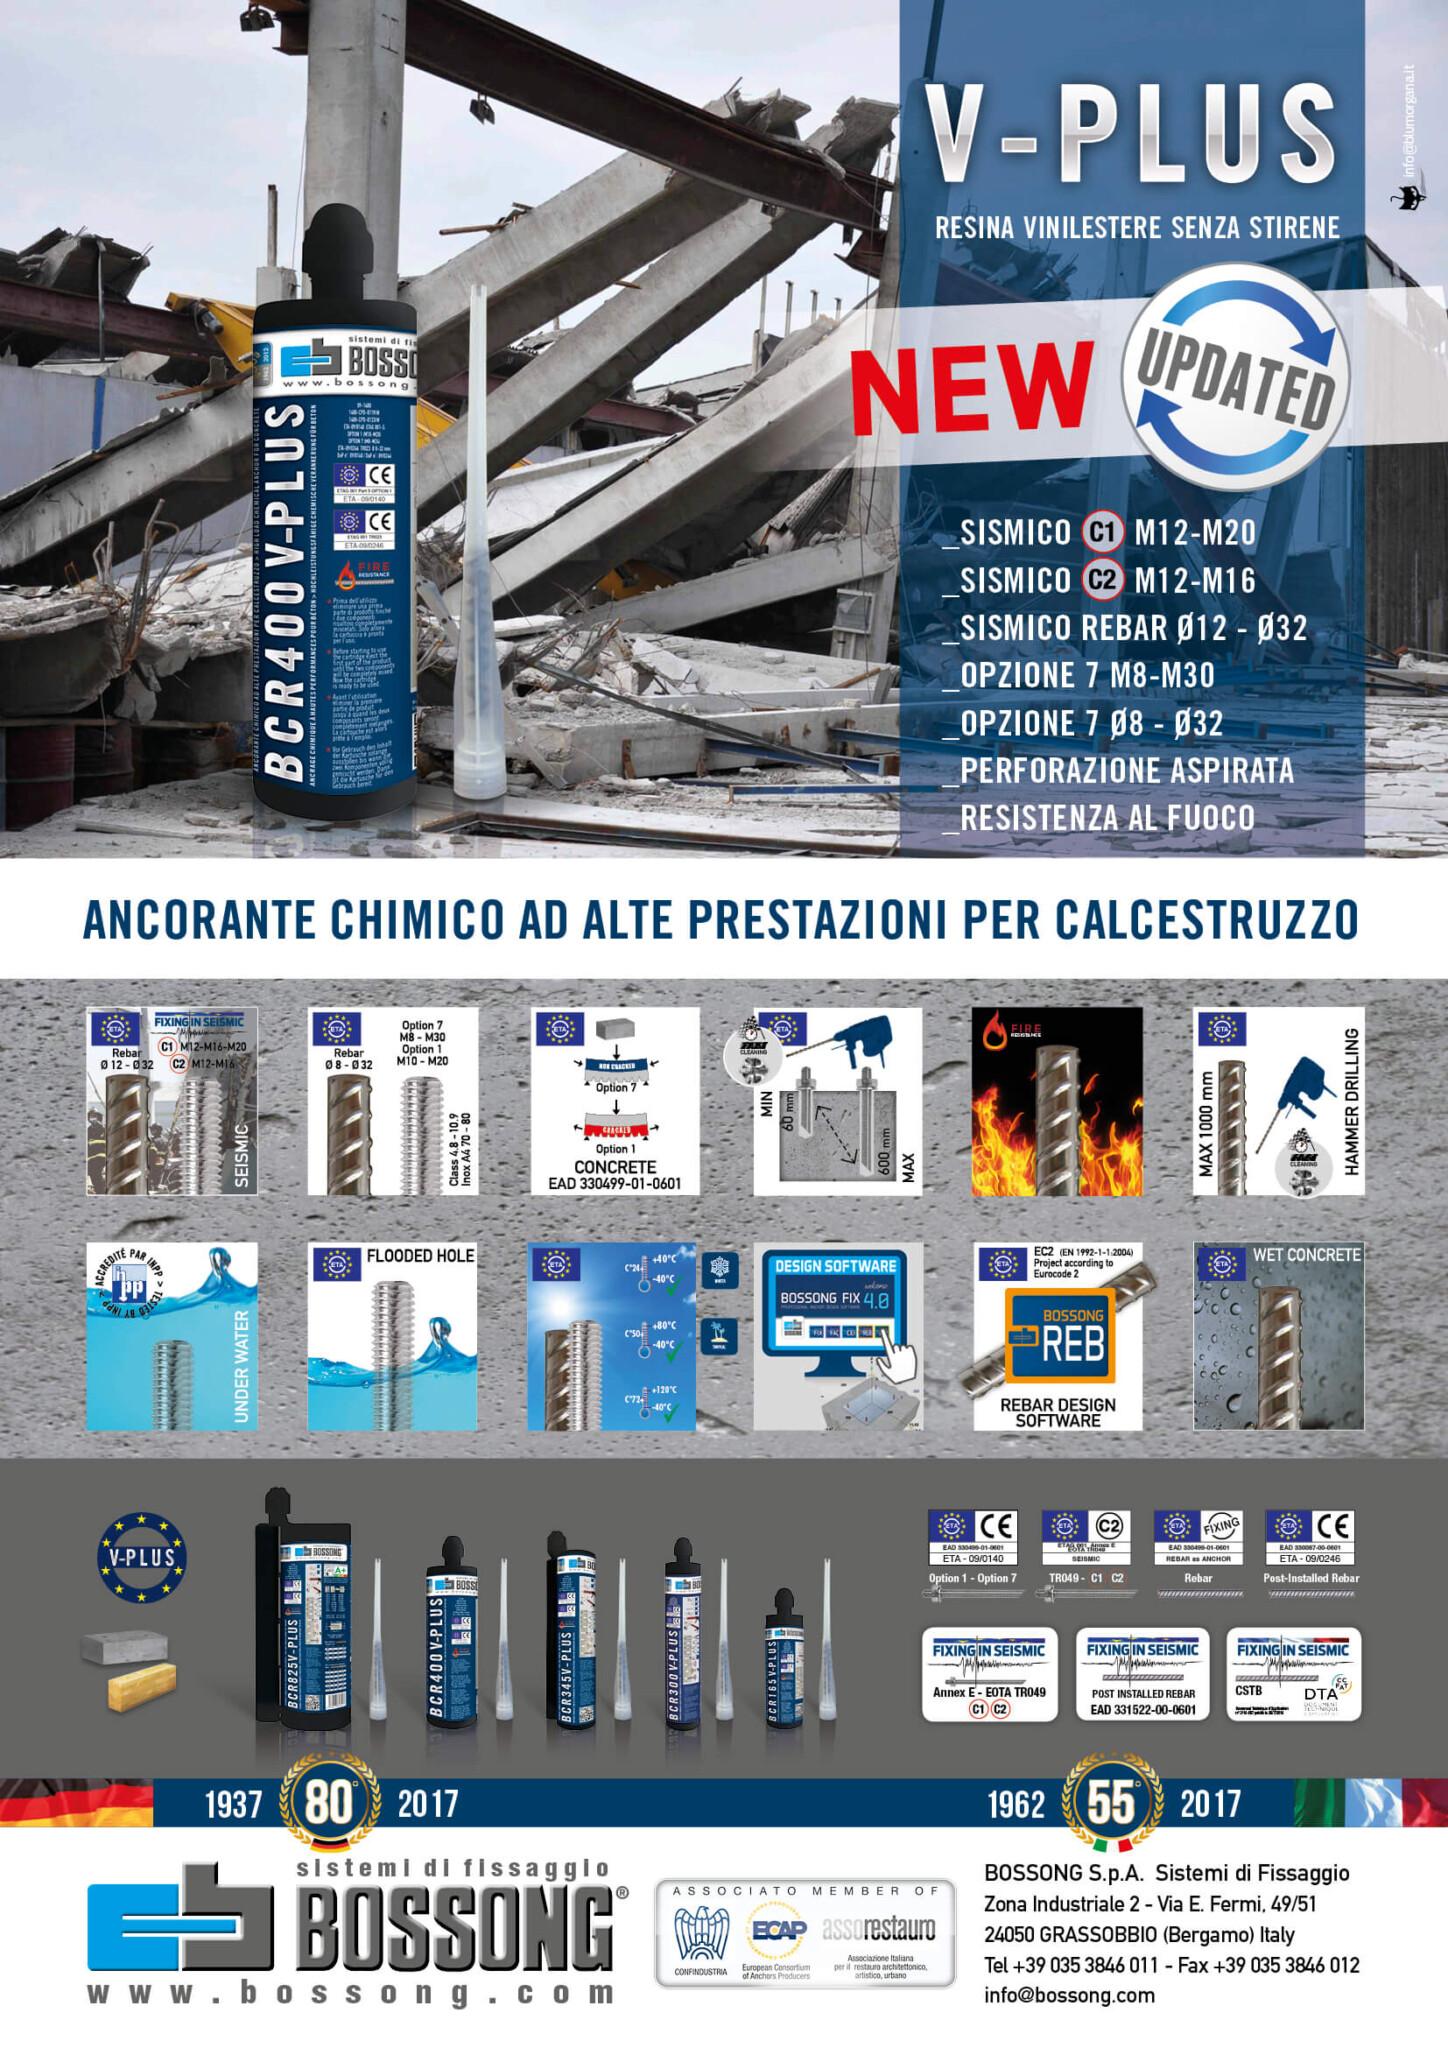 Il prodotto BCR V-PLUS è stato aggiornato secondo le nuove linee guida EOTA.